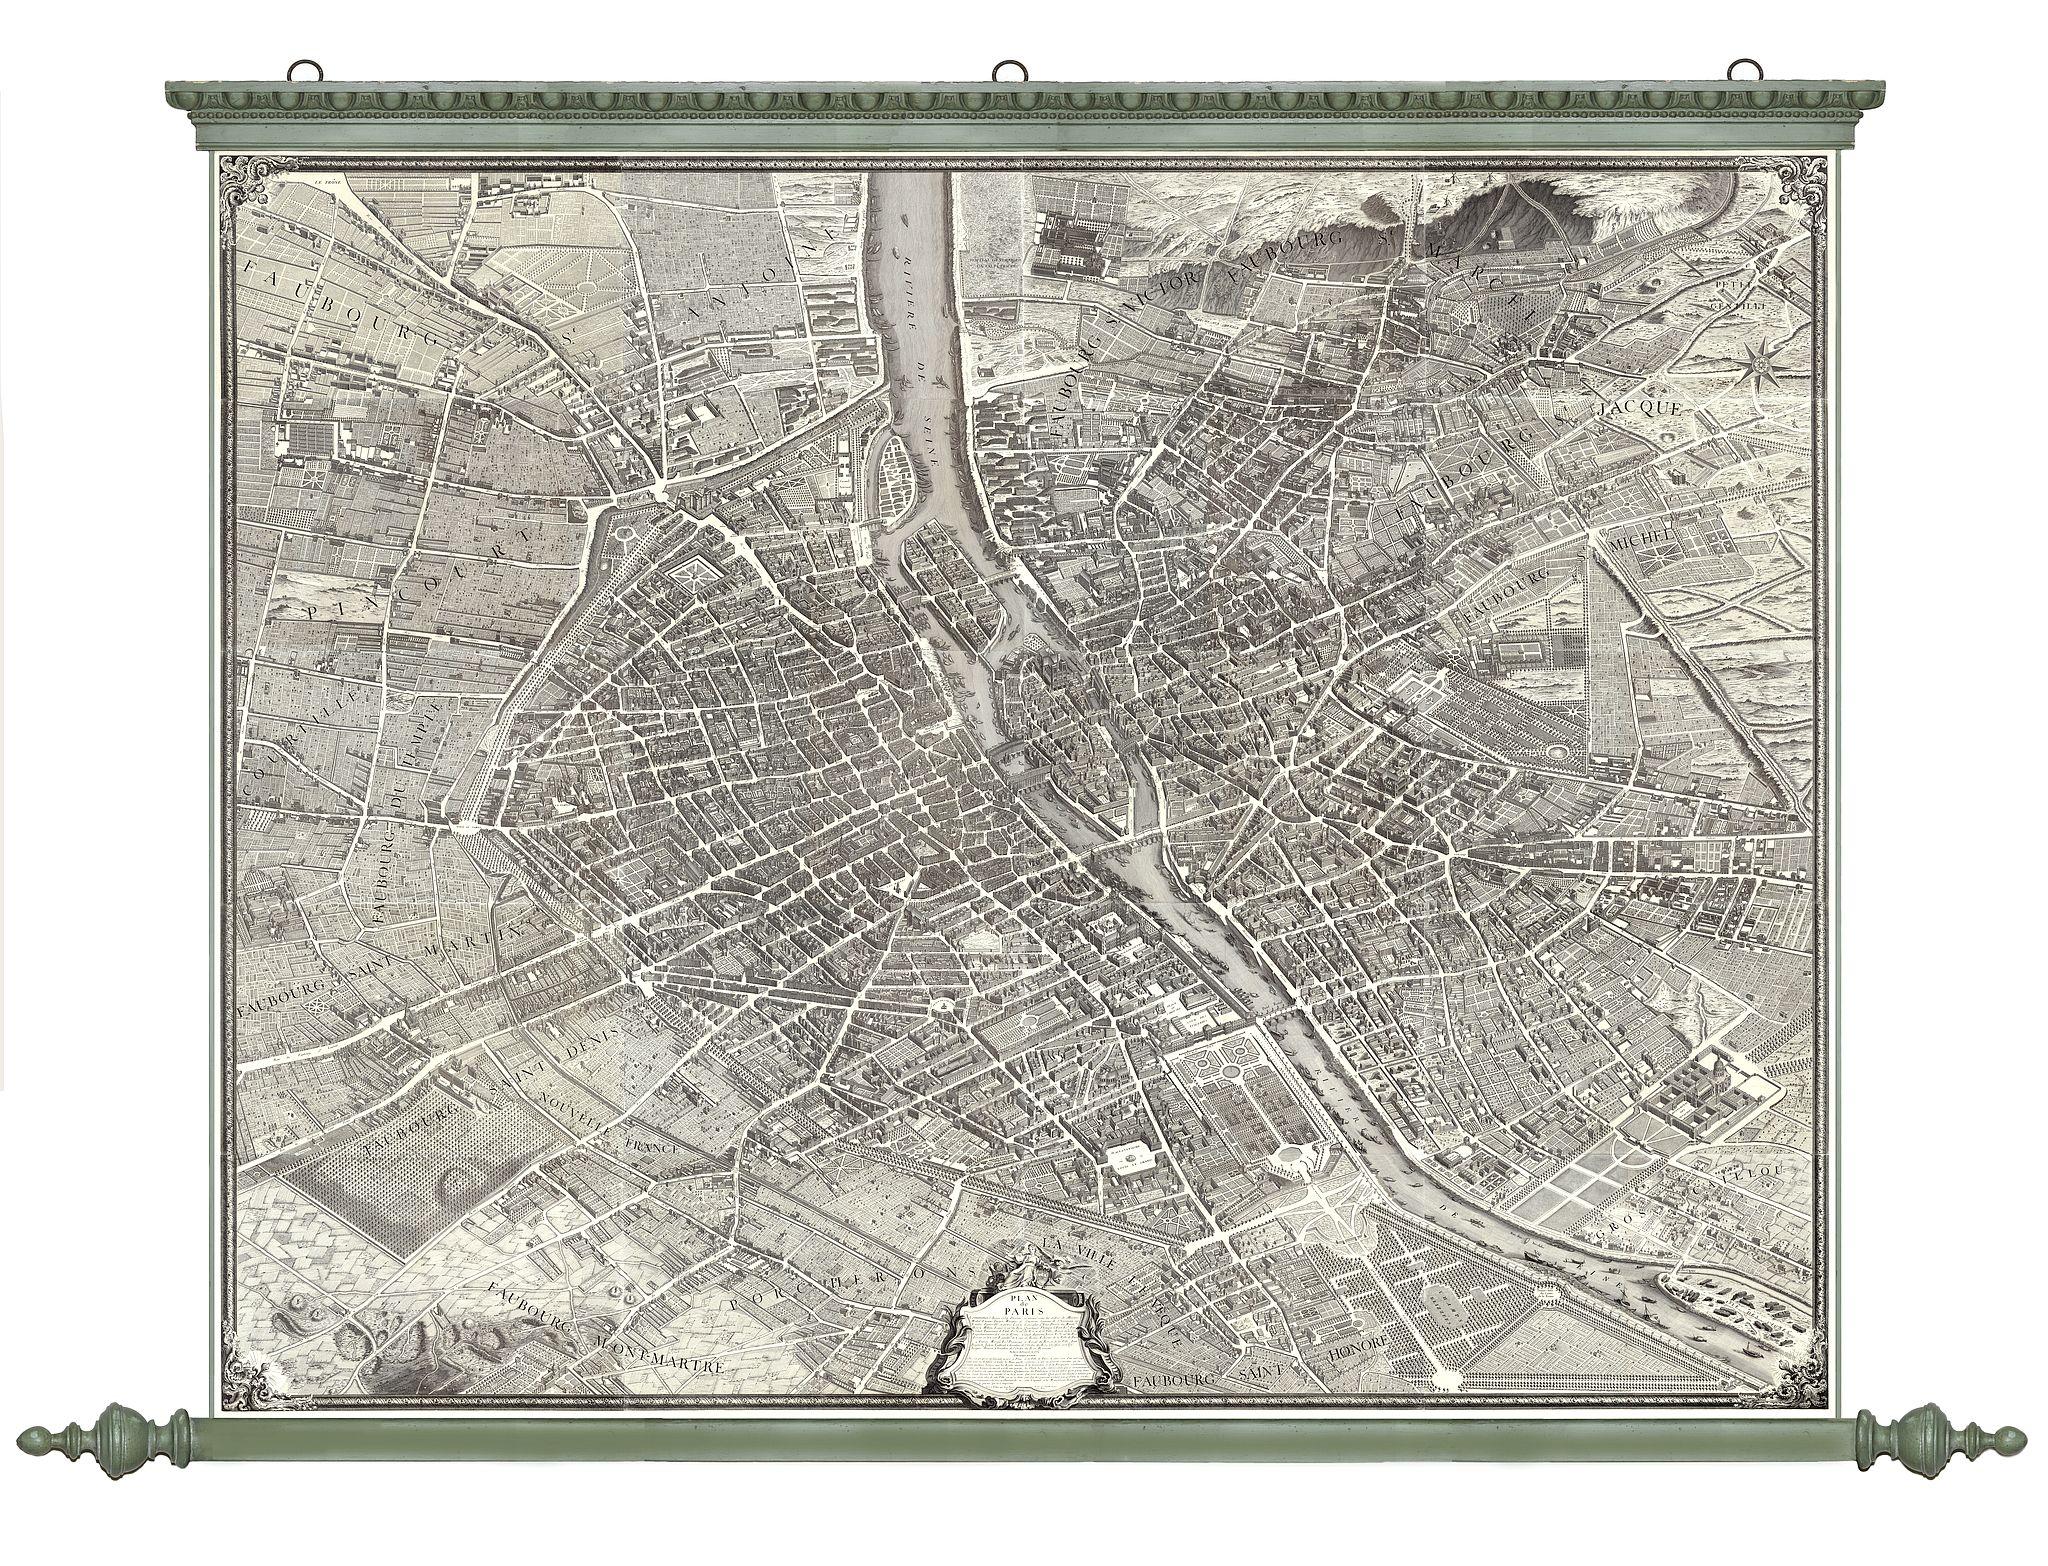 BRETEZ, Louis / TURGOT. -  Plan de Paris commencé l'année 1734, Dessiné et gravé sous les ordres de Messire Michel Etienne Turgot, prévost des marchands.